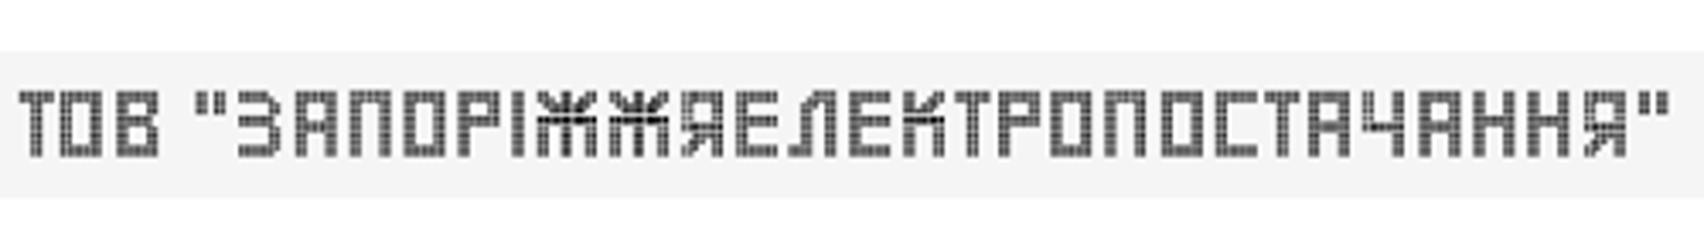 """ТОВ """"ЗАПОРІЖЖЯЕЛЕКТРОПОСТАЧАННЯ"""" Більмацьке районне відділення"""